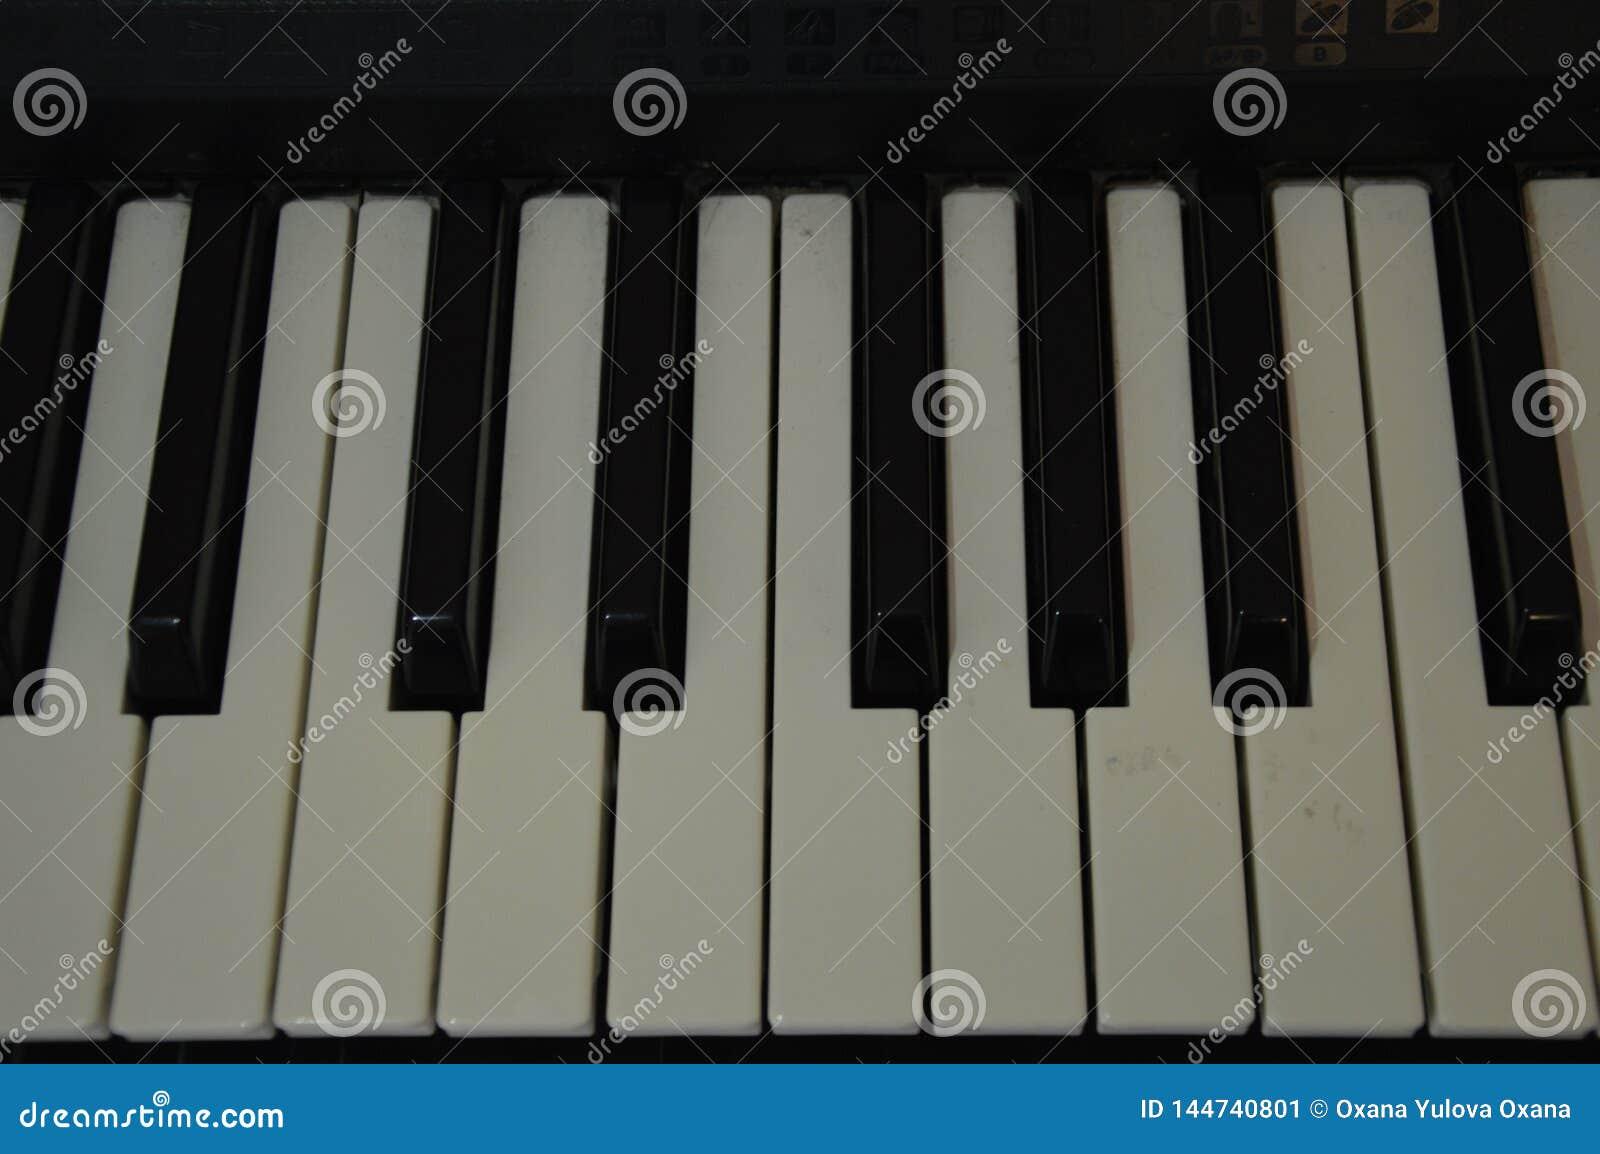 Piano keys stock image  Image of piano, instrument, keys